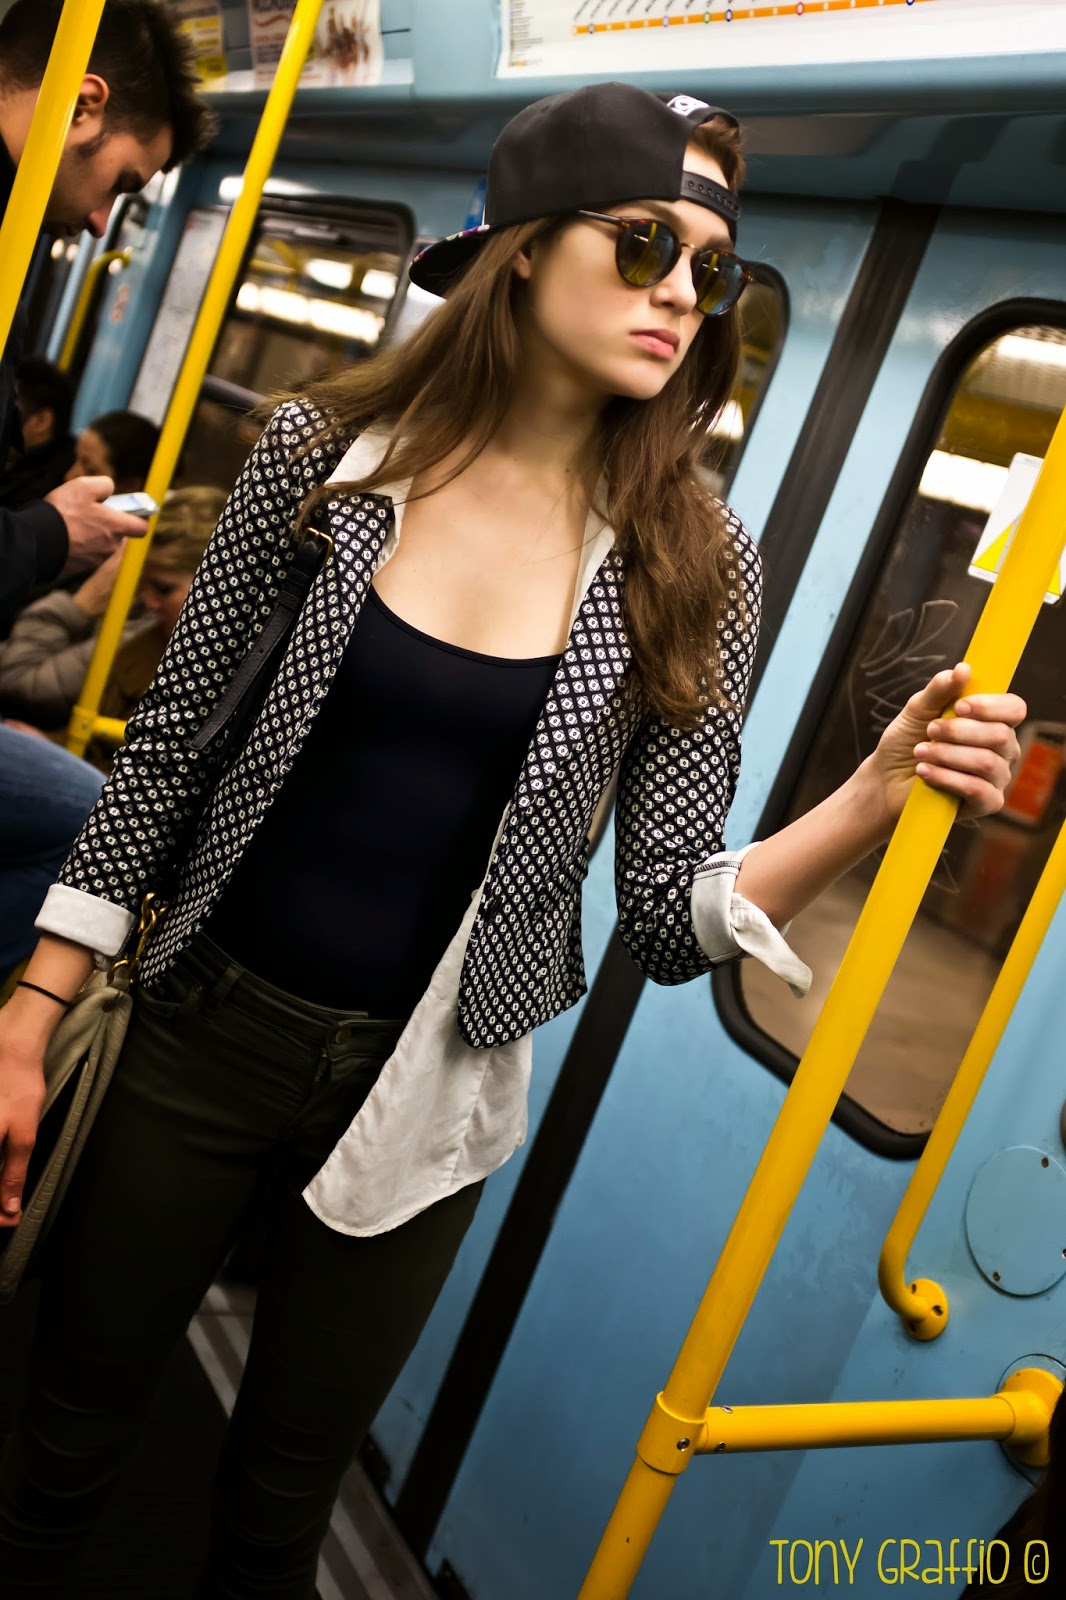 Bella ragazza sulla metropolitana milanese (Poche tette)